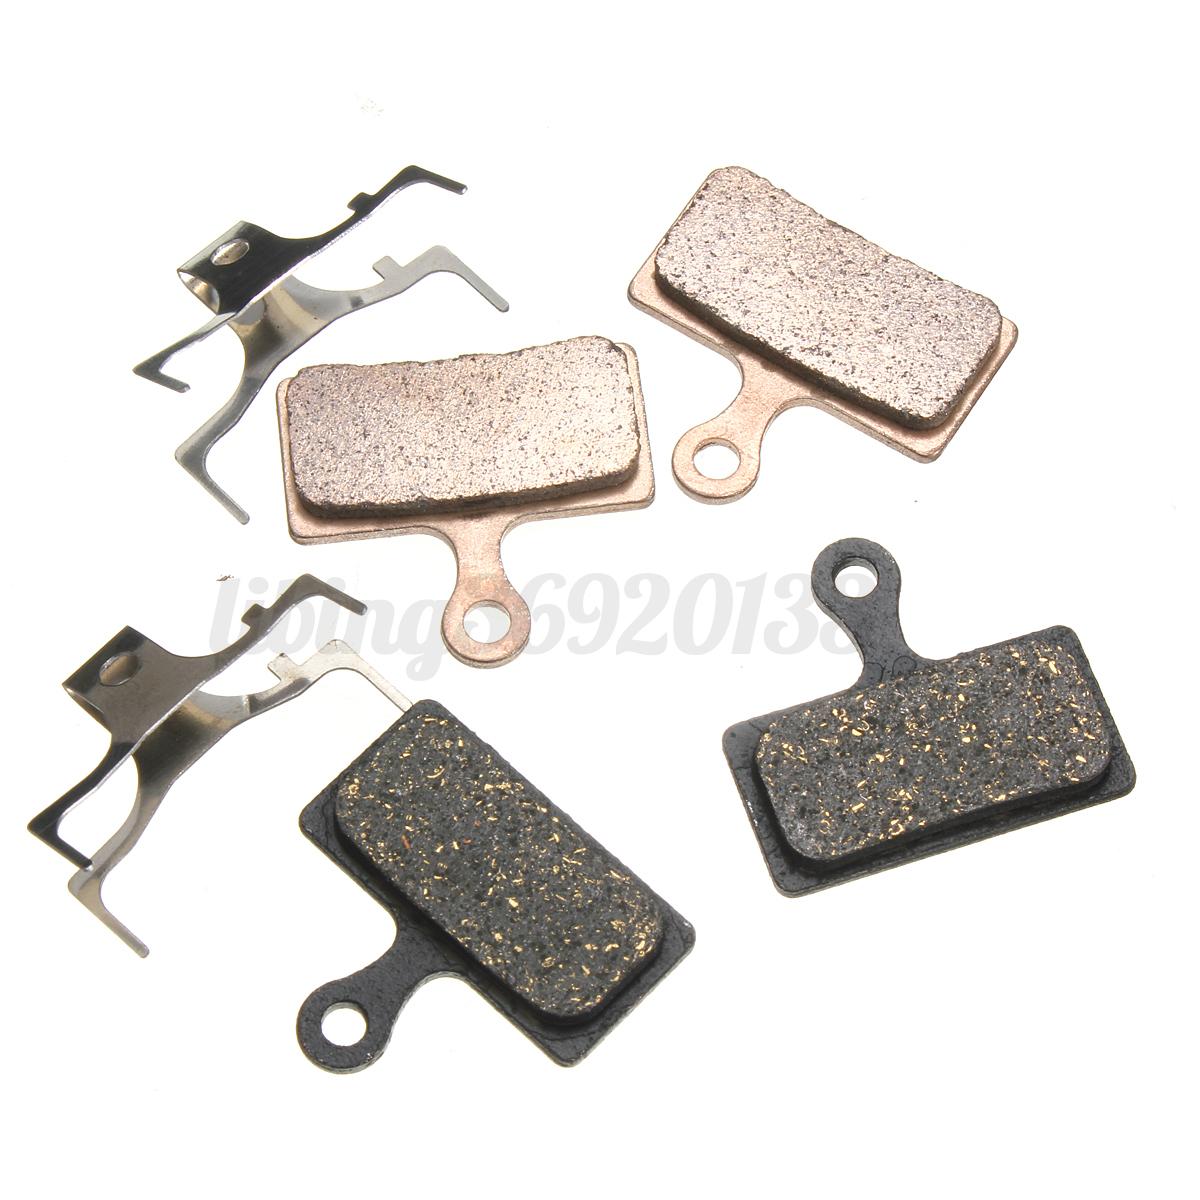 MTB-Bike-Bicycle-Brake-Pads-Pills-Replacement-Bike-Disc-brake-pads-BO thumbnail 5